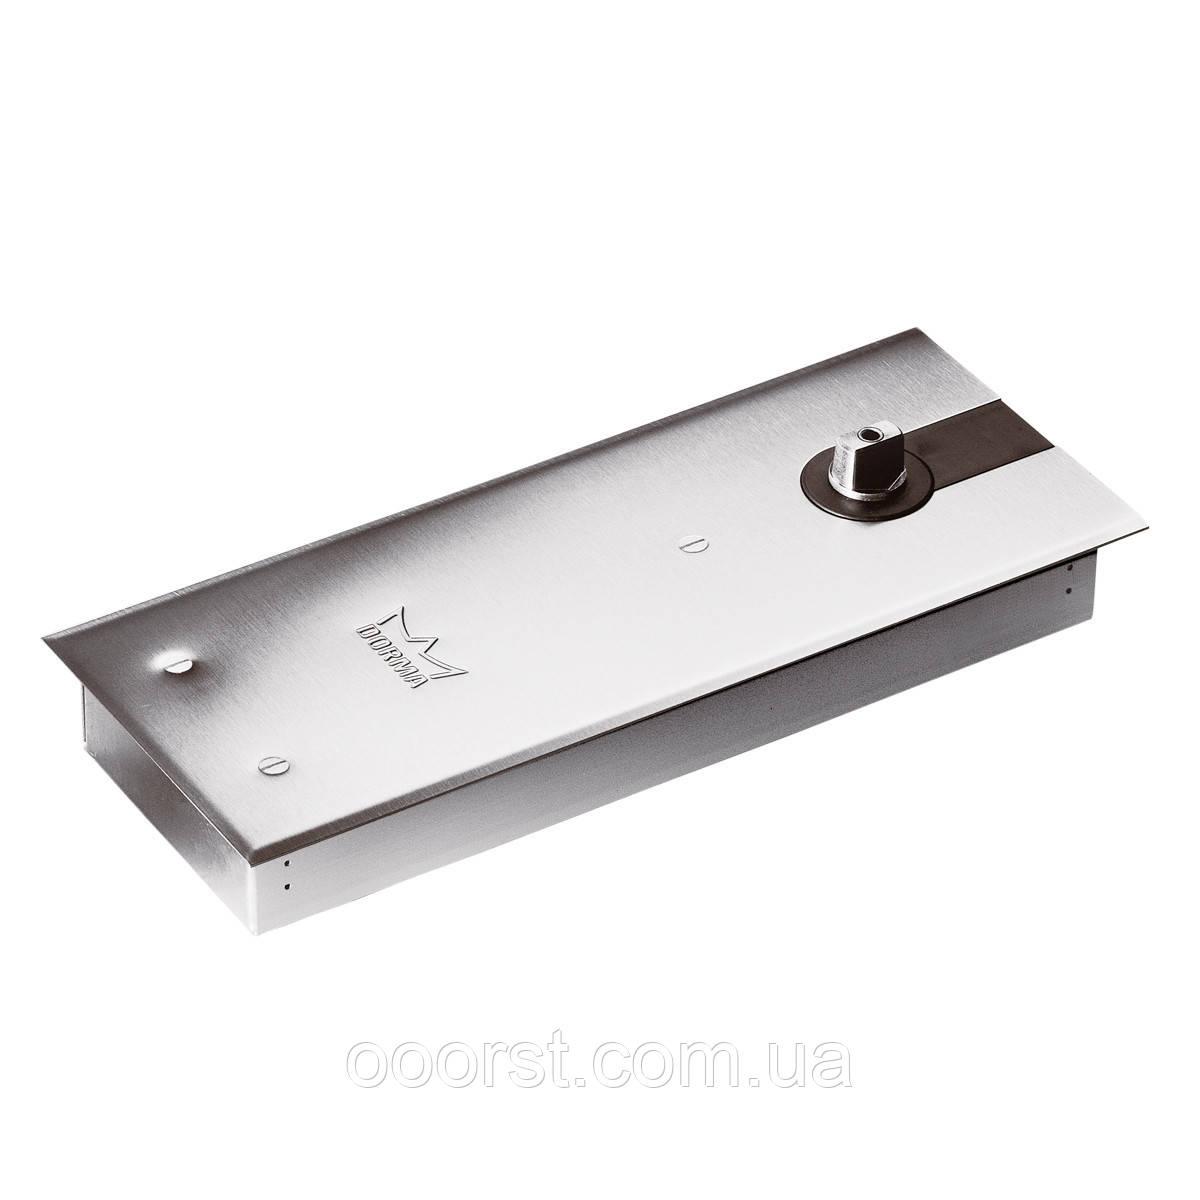 Напольный дверной доводчик Dorma BTS 84  ЕN 2/3/4 с фиксацией